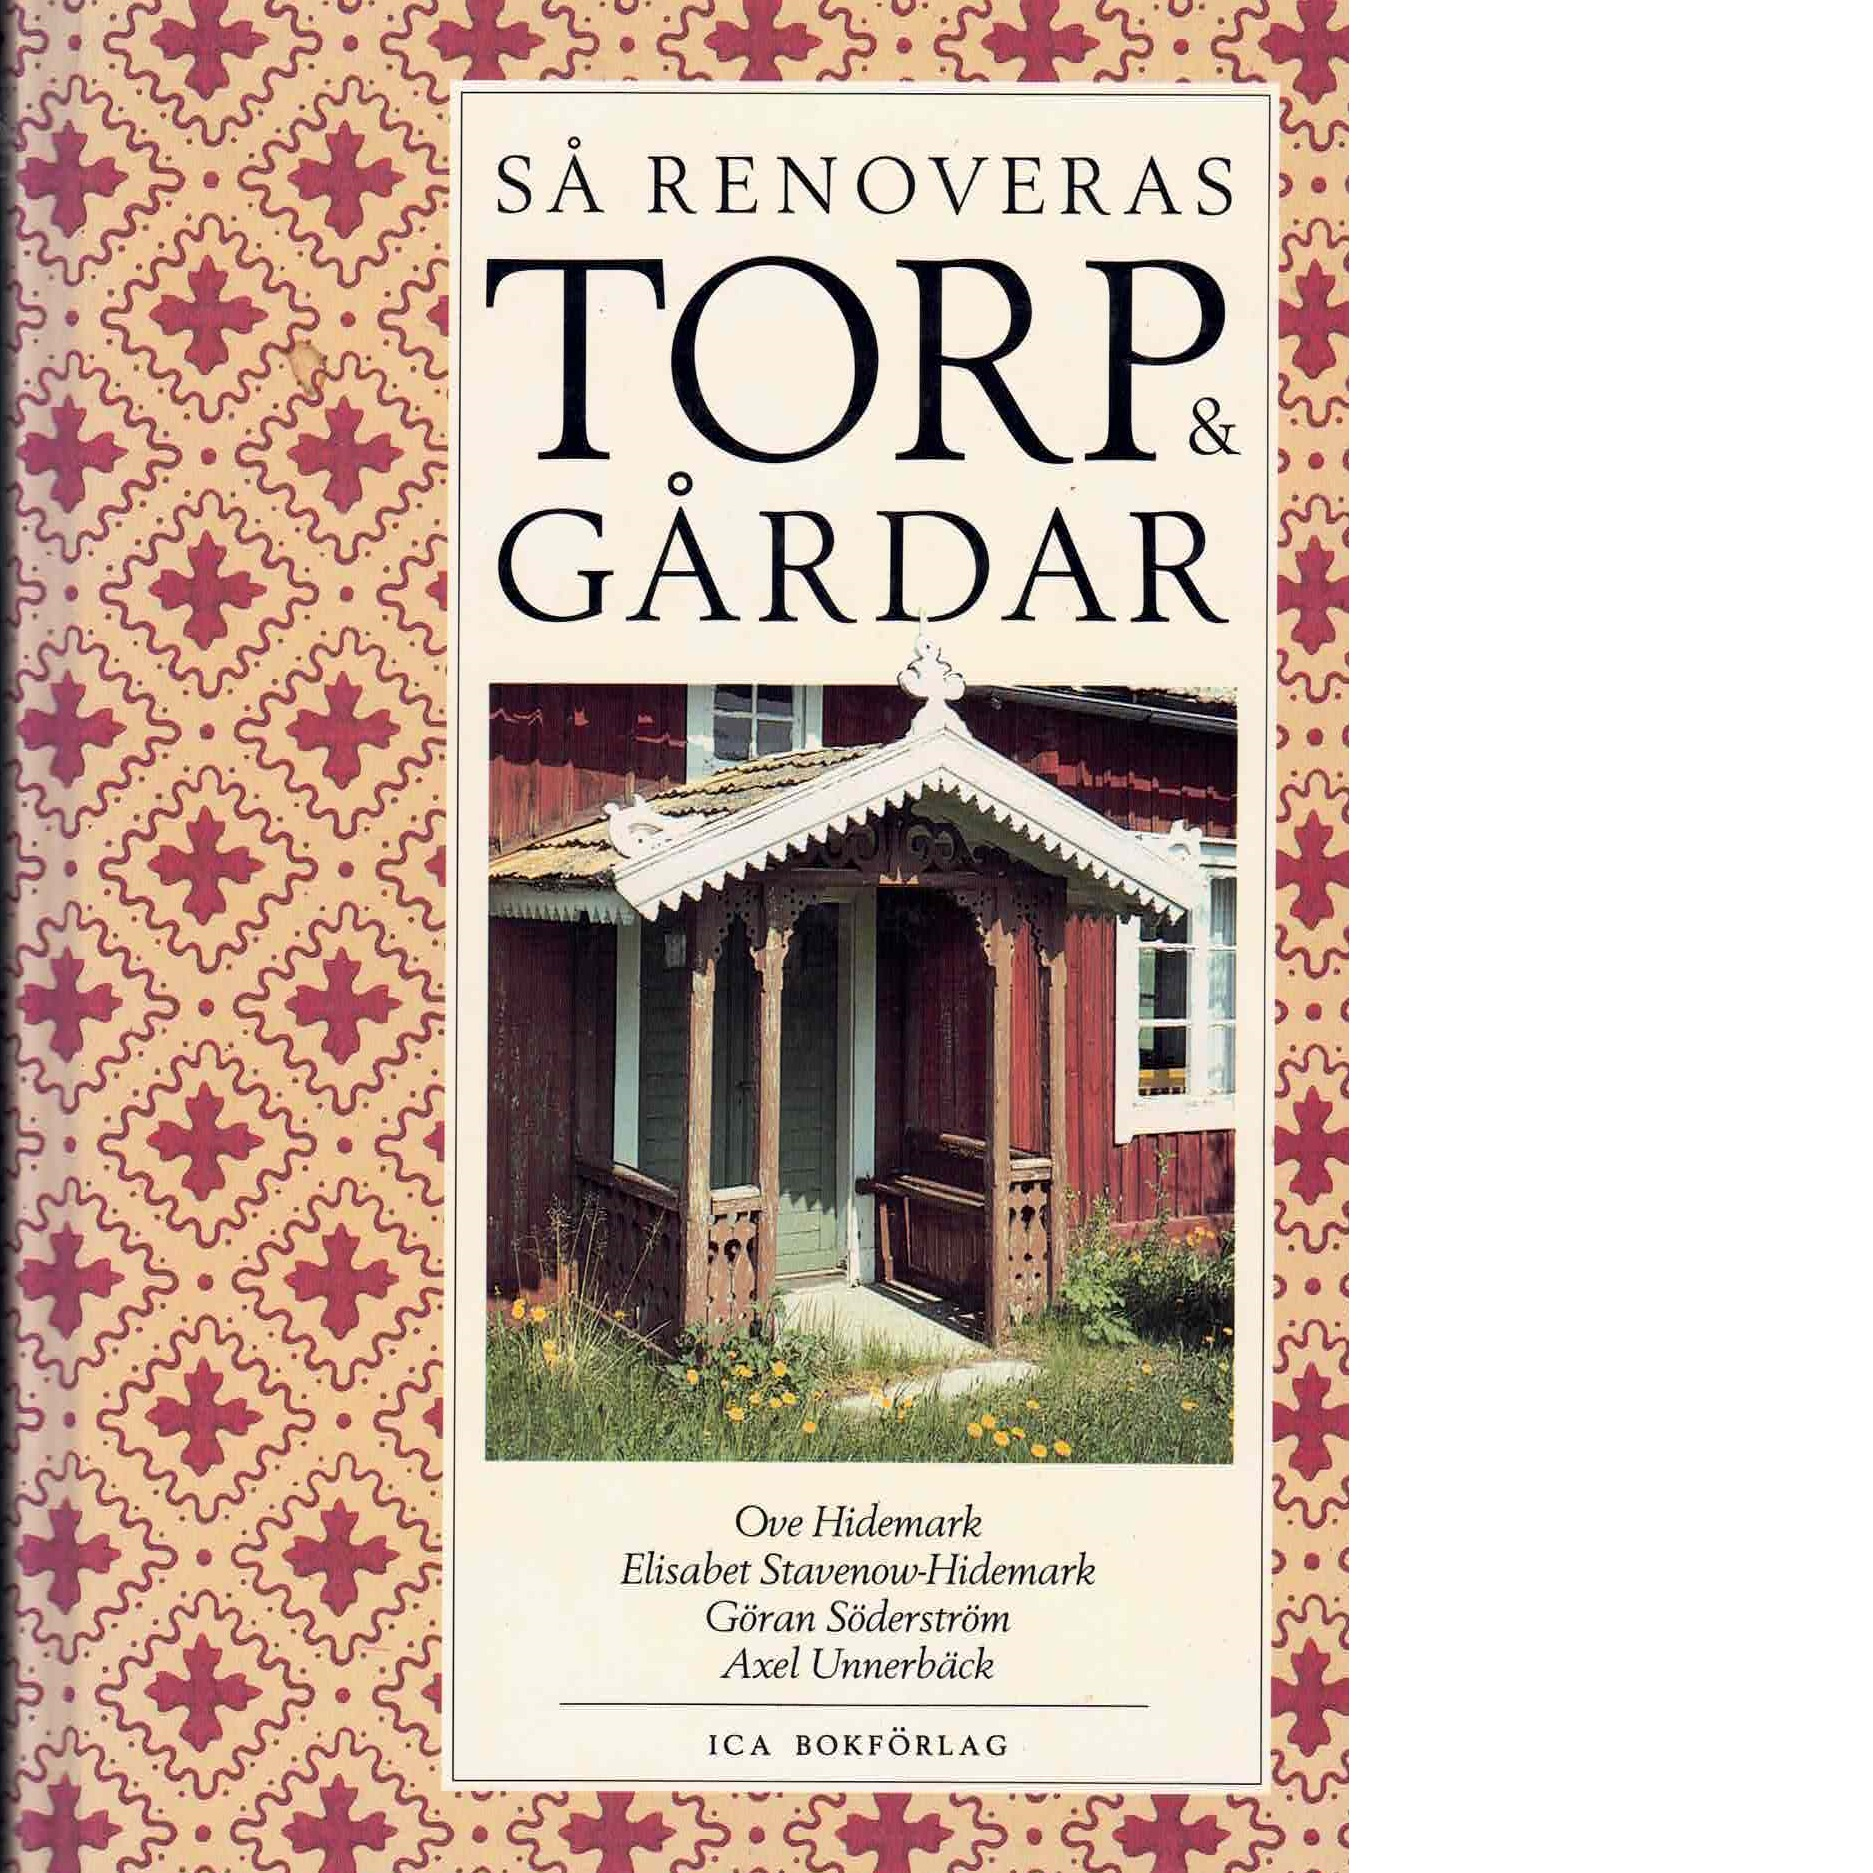 Så renoveras torp & gårdar - Hidemark, Ove , Stavenow-Hidemark, Elisabeth , Söderström, Göran , Unnerbäck, Axel